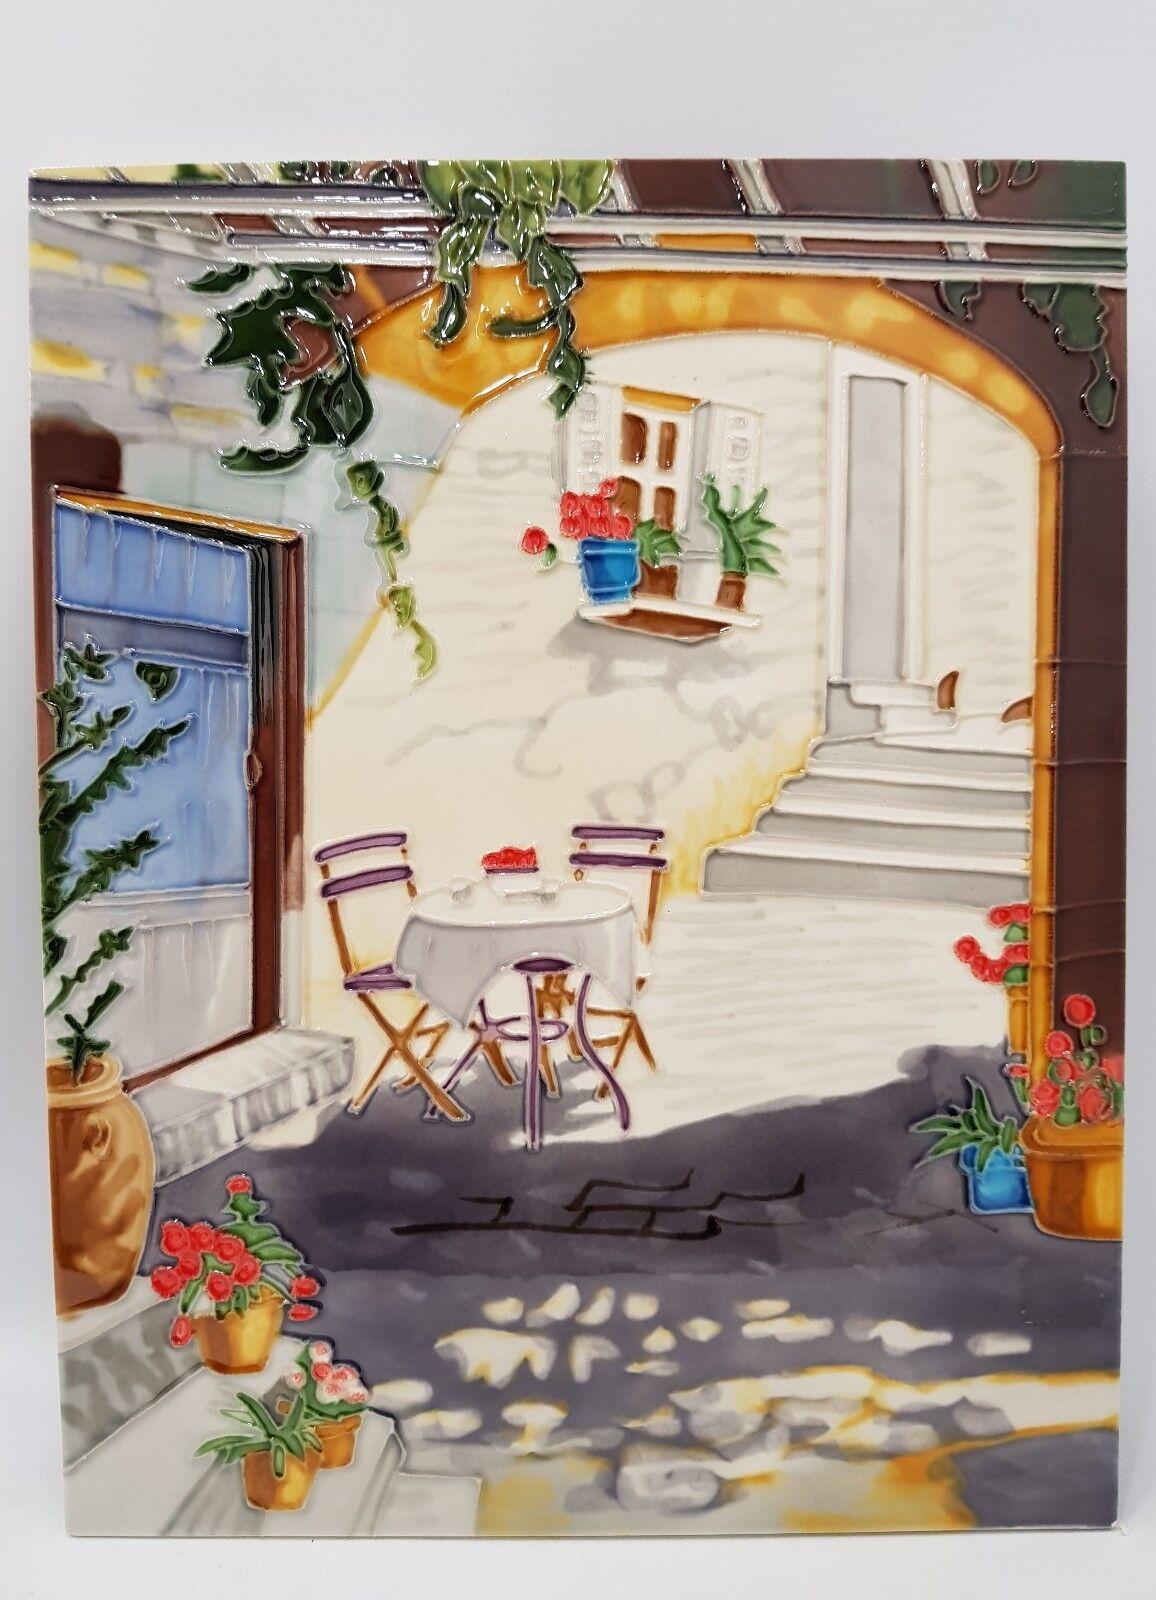 Hand Gefertigt Keramik Wandkunst Kachel Südländischer Hof 279x355mm | Angenehmes Aussehen